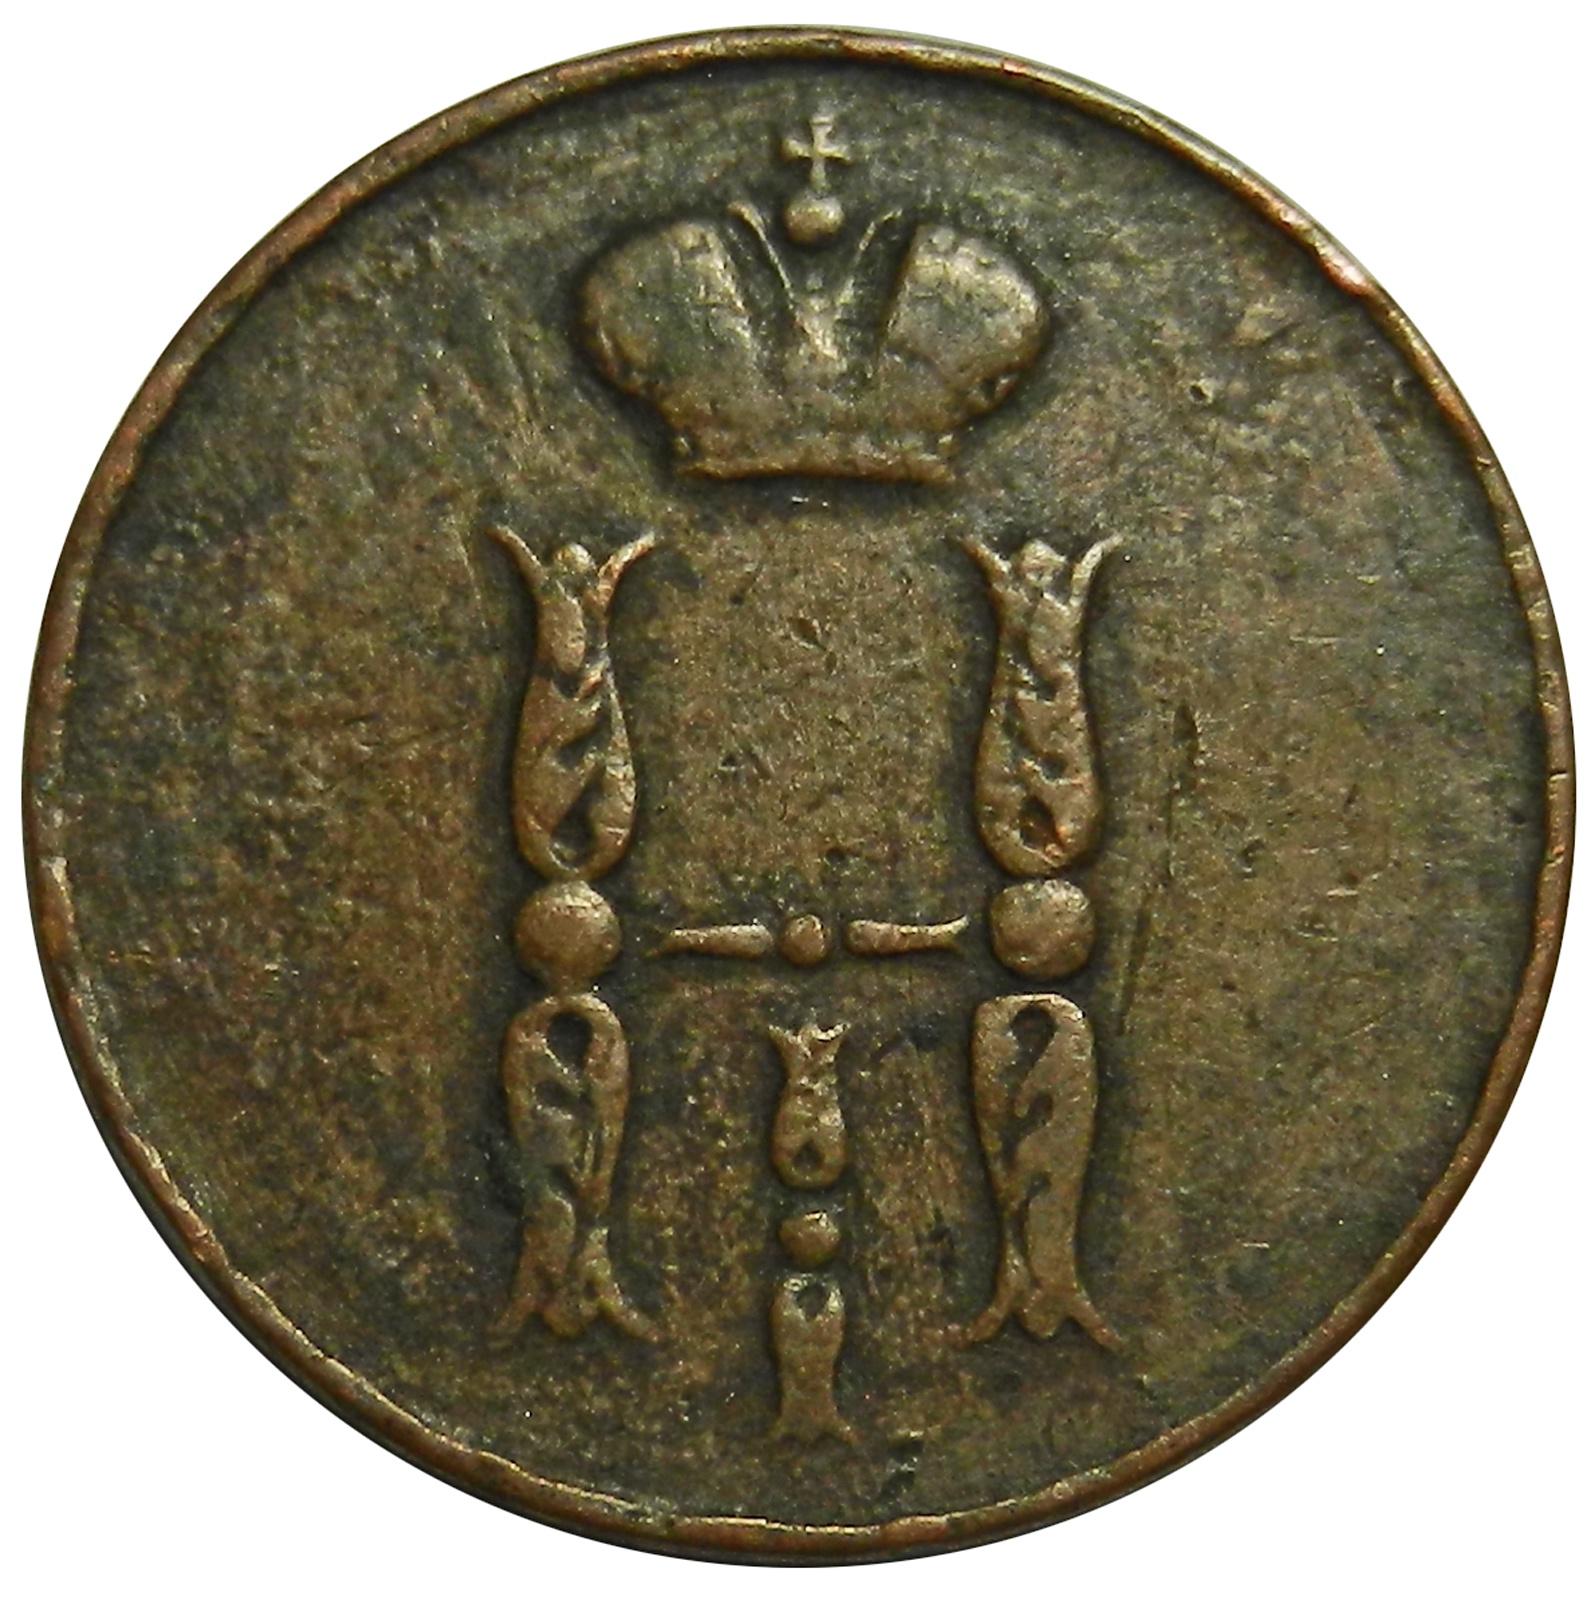 Монета Копейка. Медь. Российская Империя, ЕМ, 1852 год (XF)